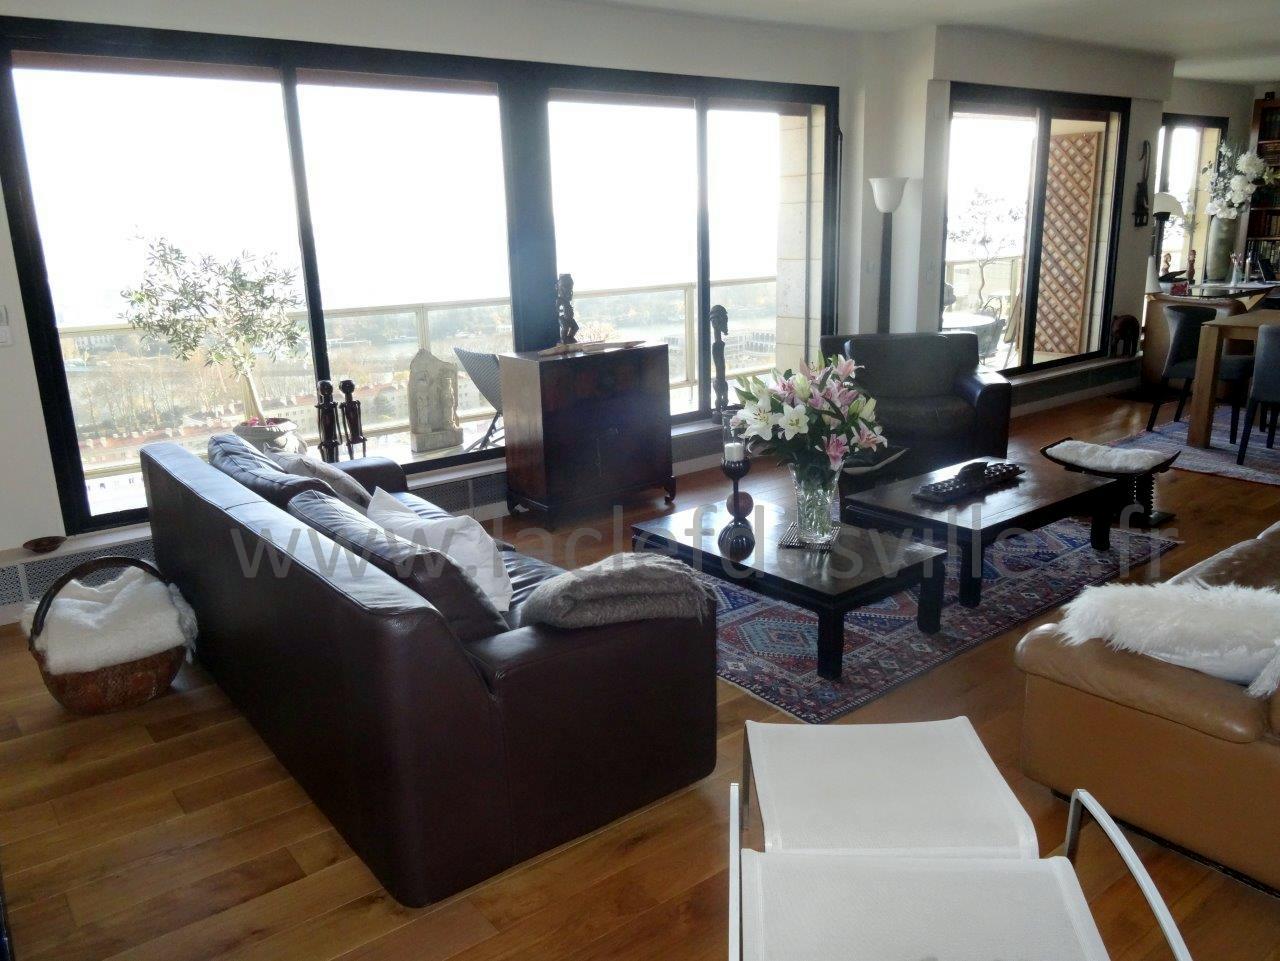 la-clef-des-villes-agence-immobiliere-boulogne-billancourt-chasseur-immobilier-hauts-de-seine-92-arnaud-mascarel-vente-appartement-saint-cloud-photo-salon